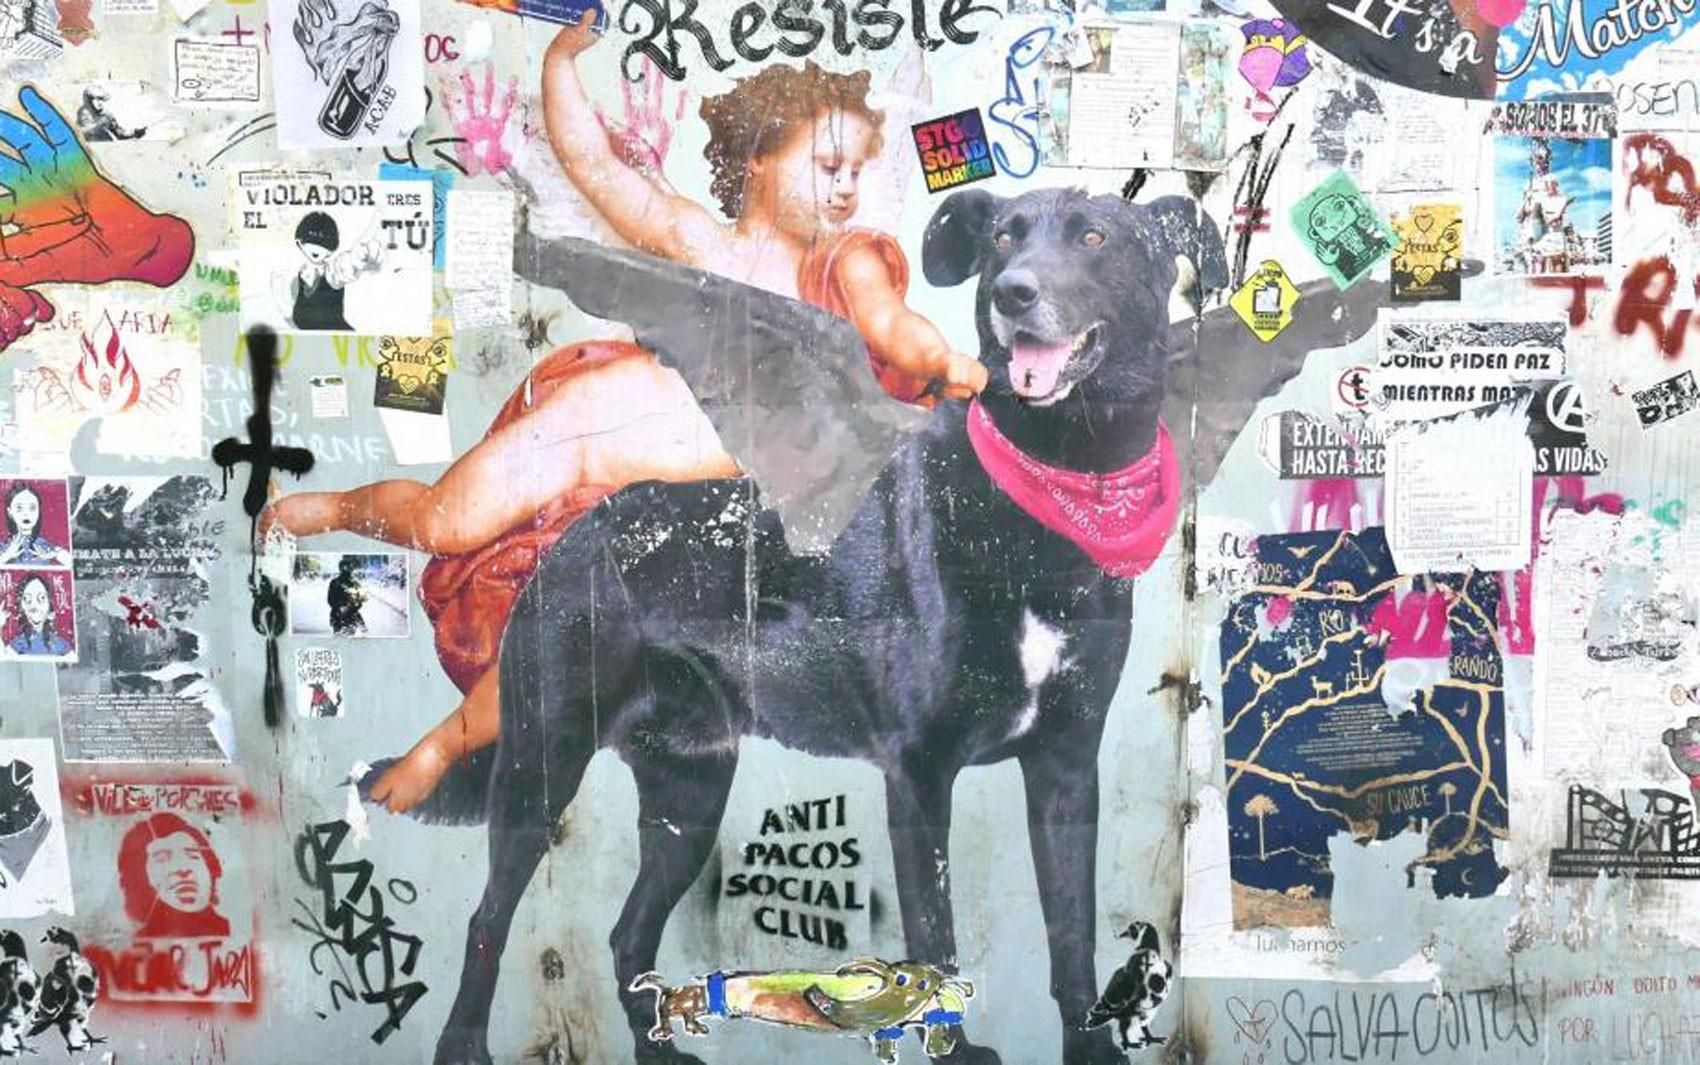 Cachorro vira-lata se torna símbolo de manifestações no Chile